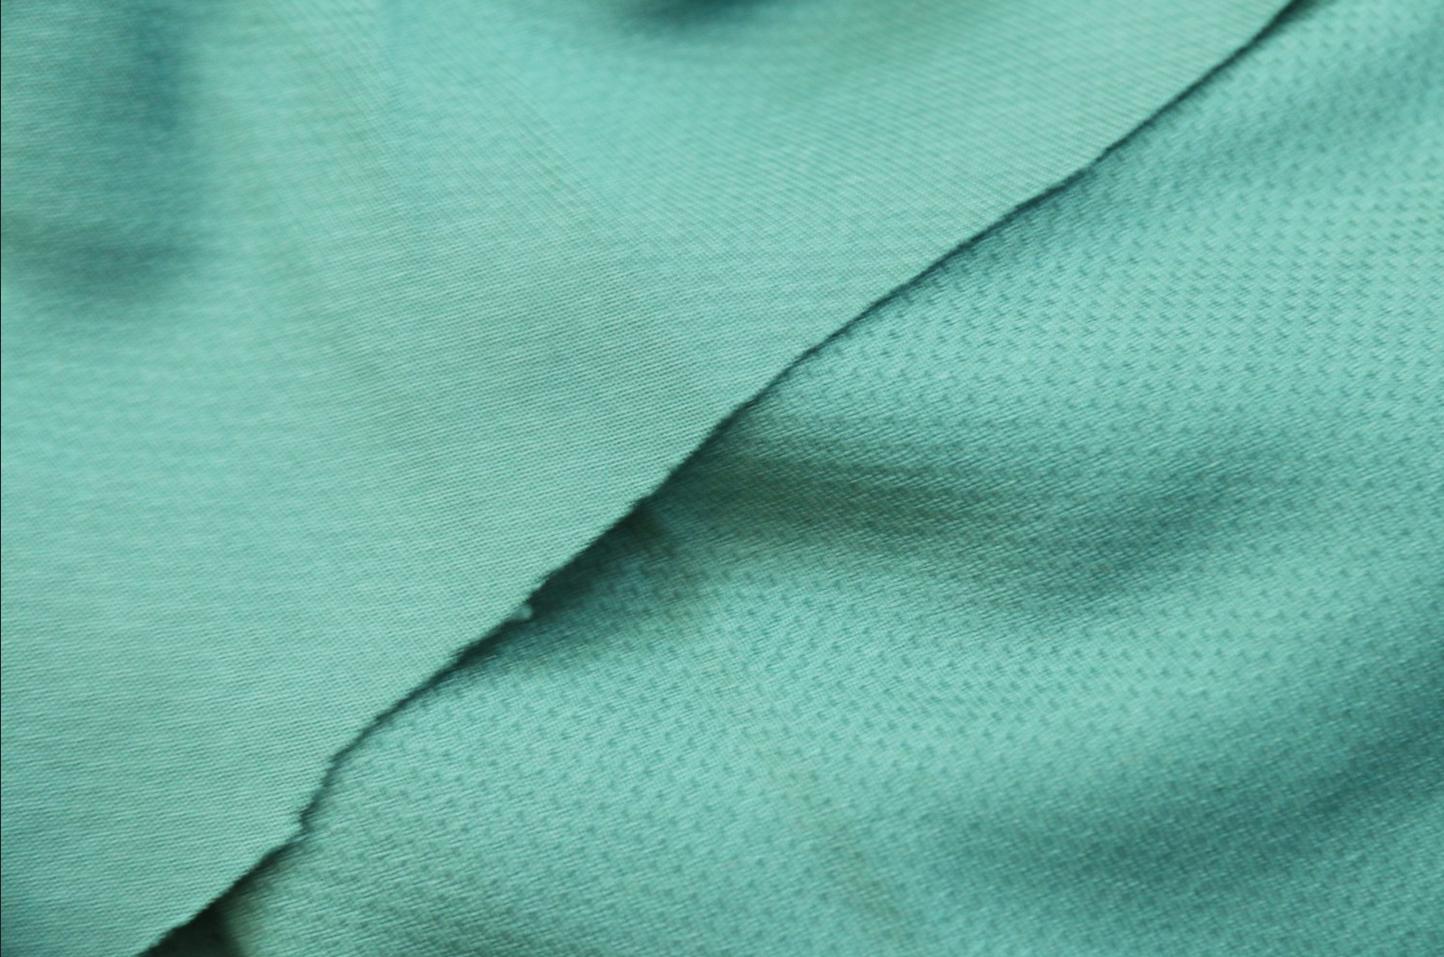 Chất liệu vải thun mè